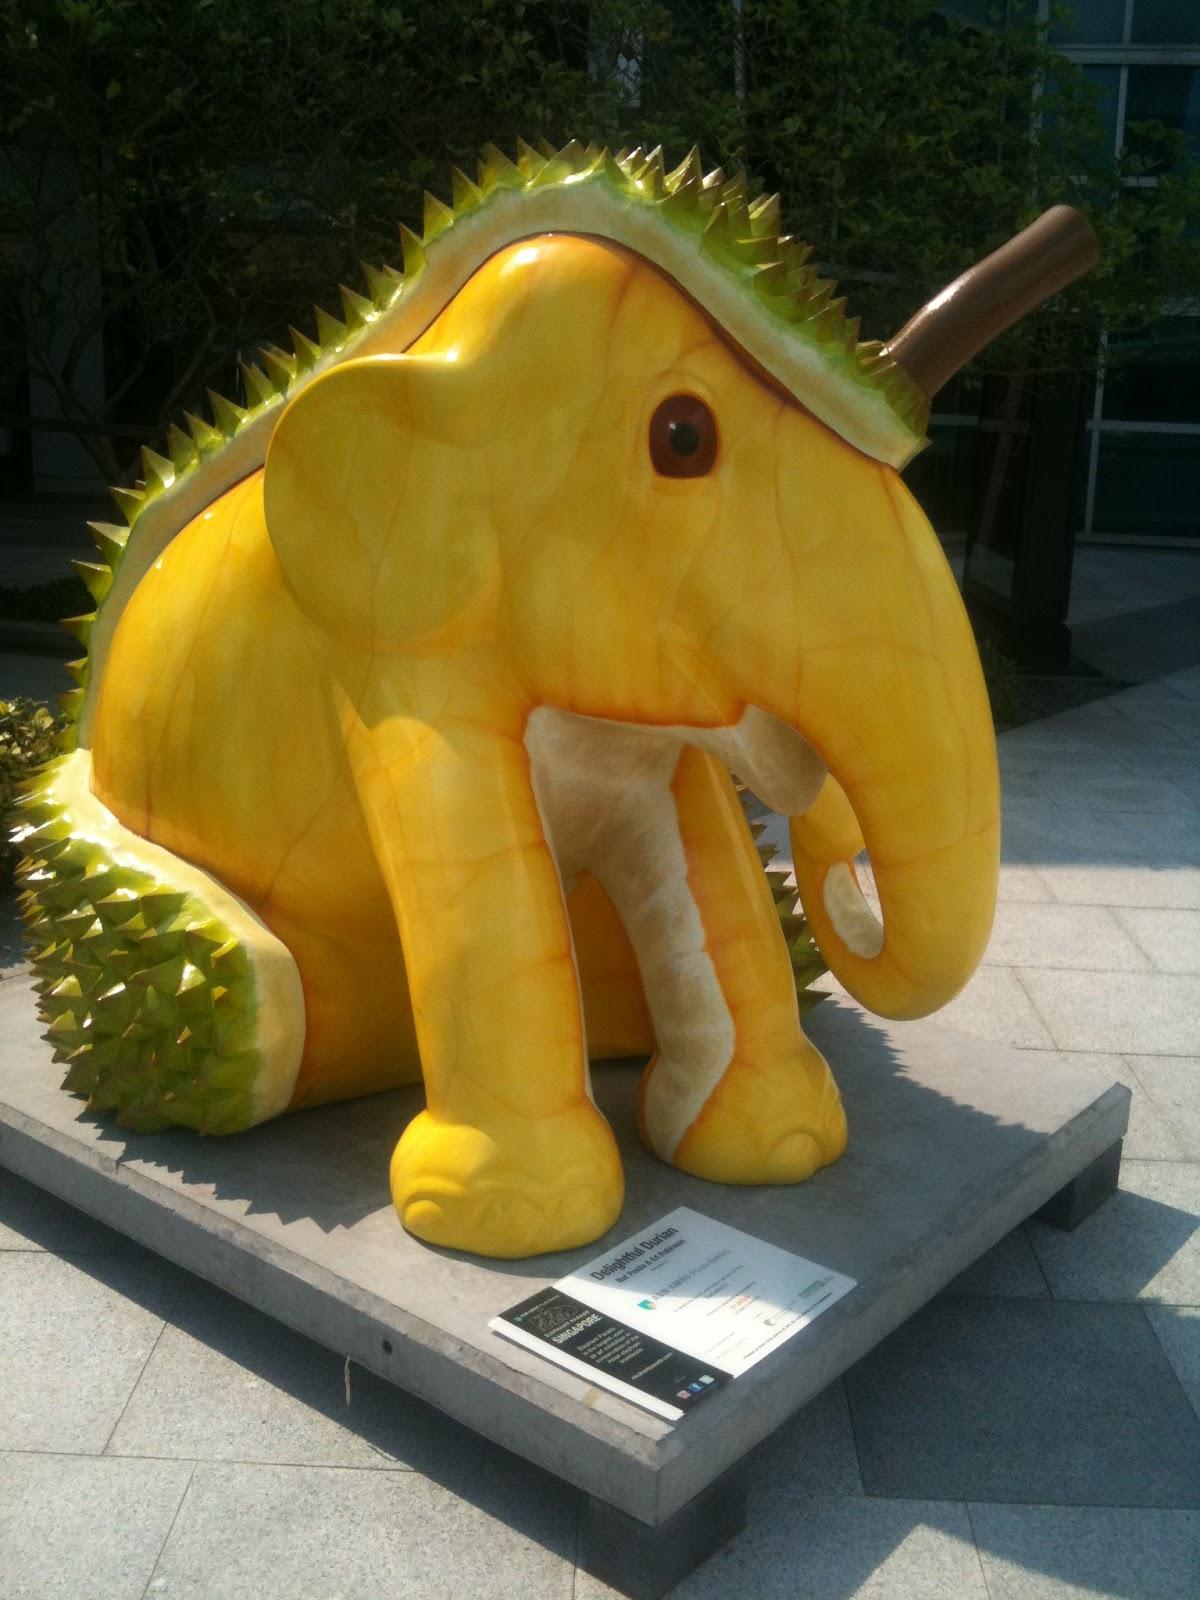 http://4.bp.blogspot.com/-5_zQvB42N1c/TtxAH3p3EpI/AAAAAAAAAlk/Yjuz7BNEbDI/s1600/elephant+parade+4.jpg